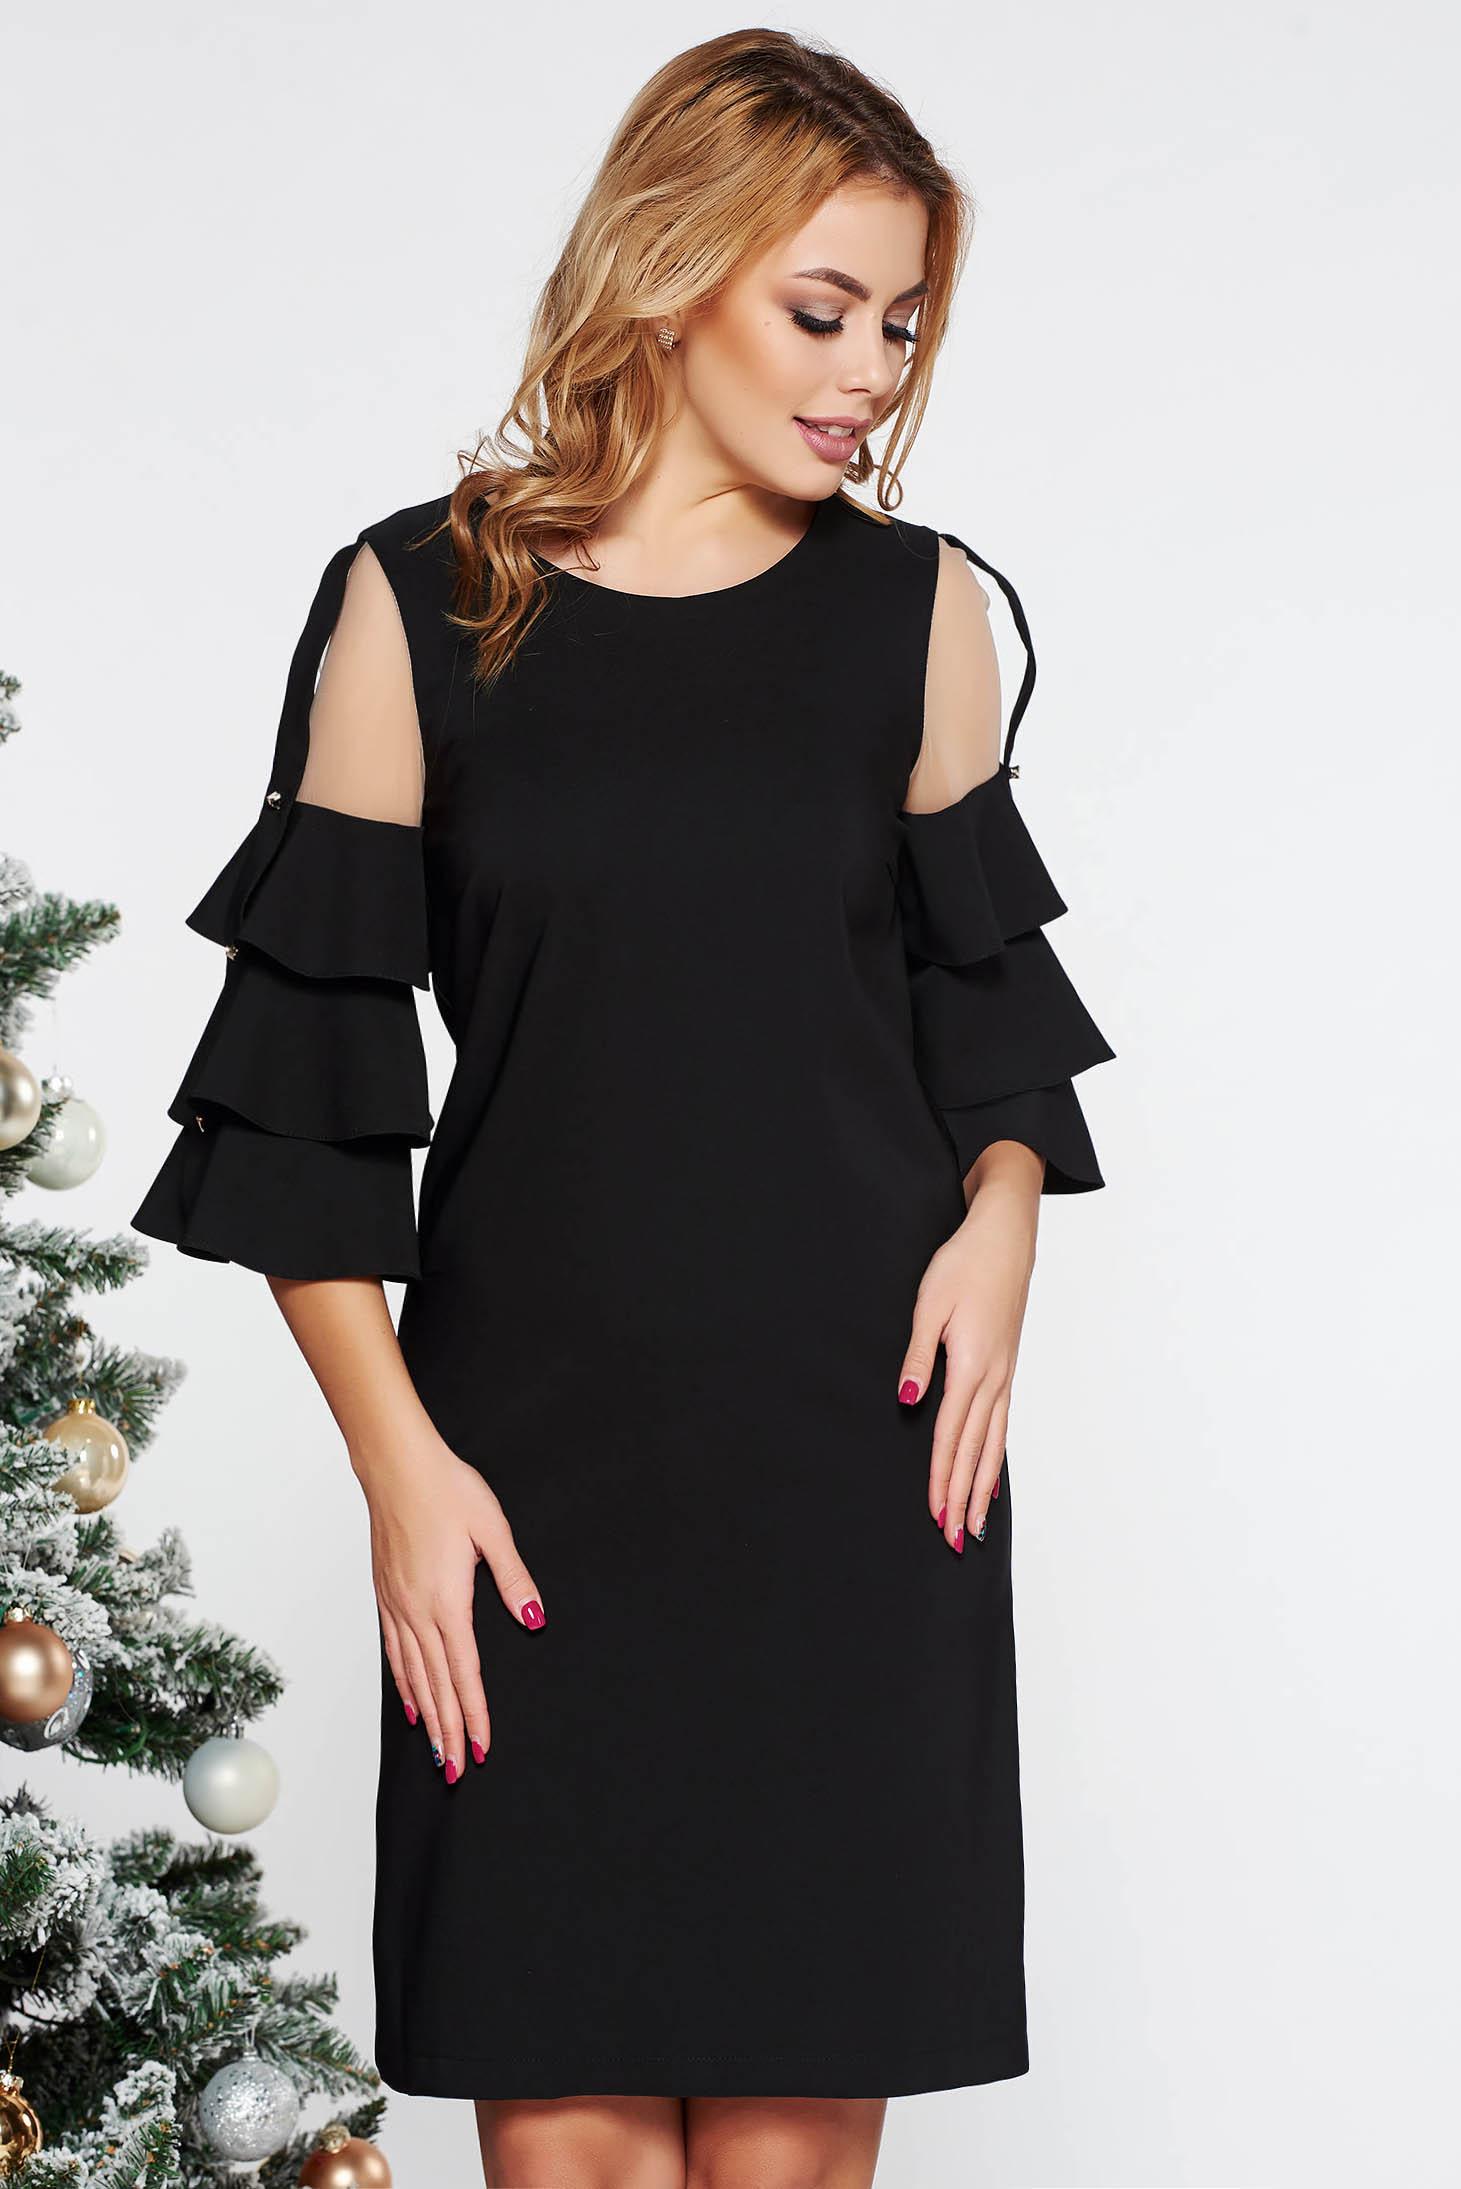 Fekete LaDonna elegáns ruha egyenes szabás enyhén elasztikus szövet belső  béléssel tűl kiegészítővel 03bbfed6e8